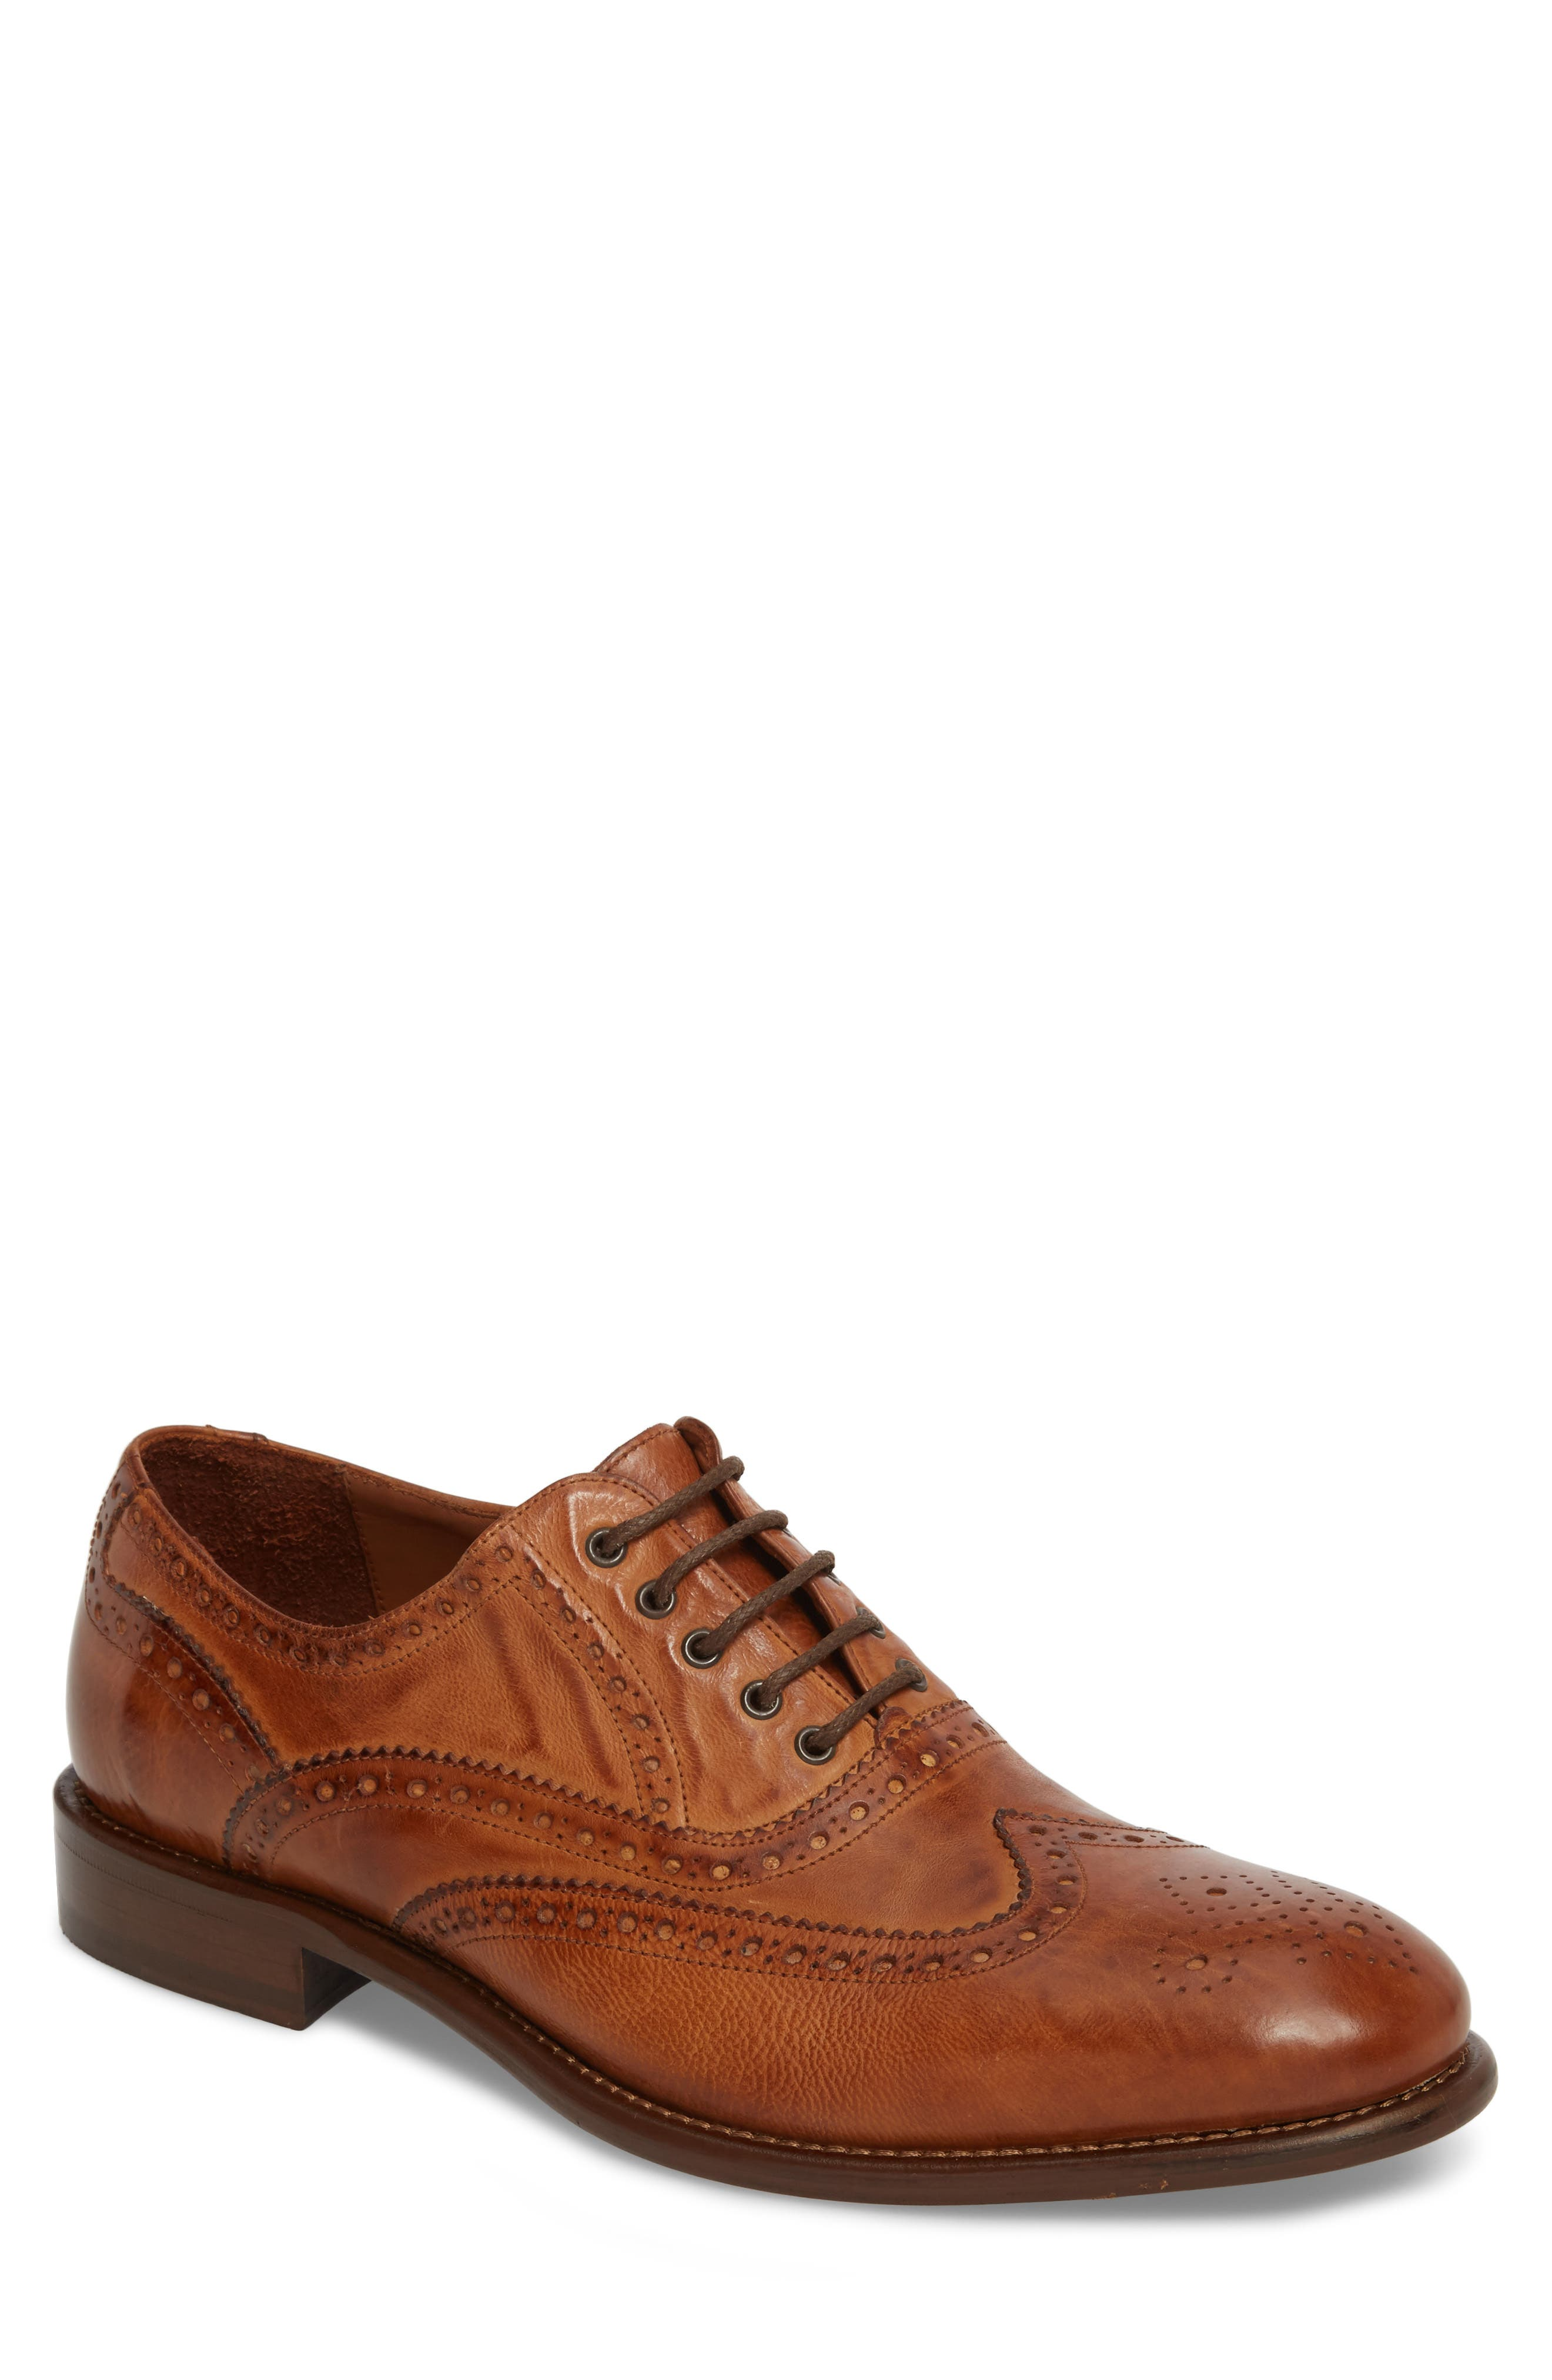 Bryson Wingtip Oxford,                             Main thumbnail 1, color,                             Cognac Leather